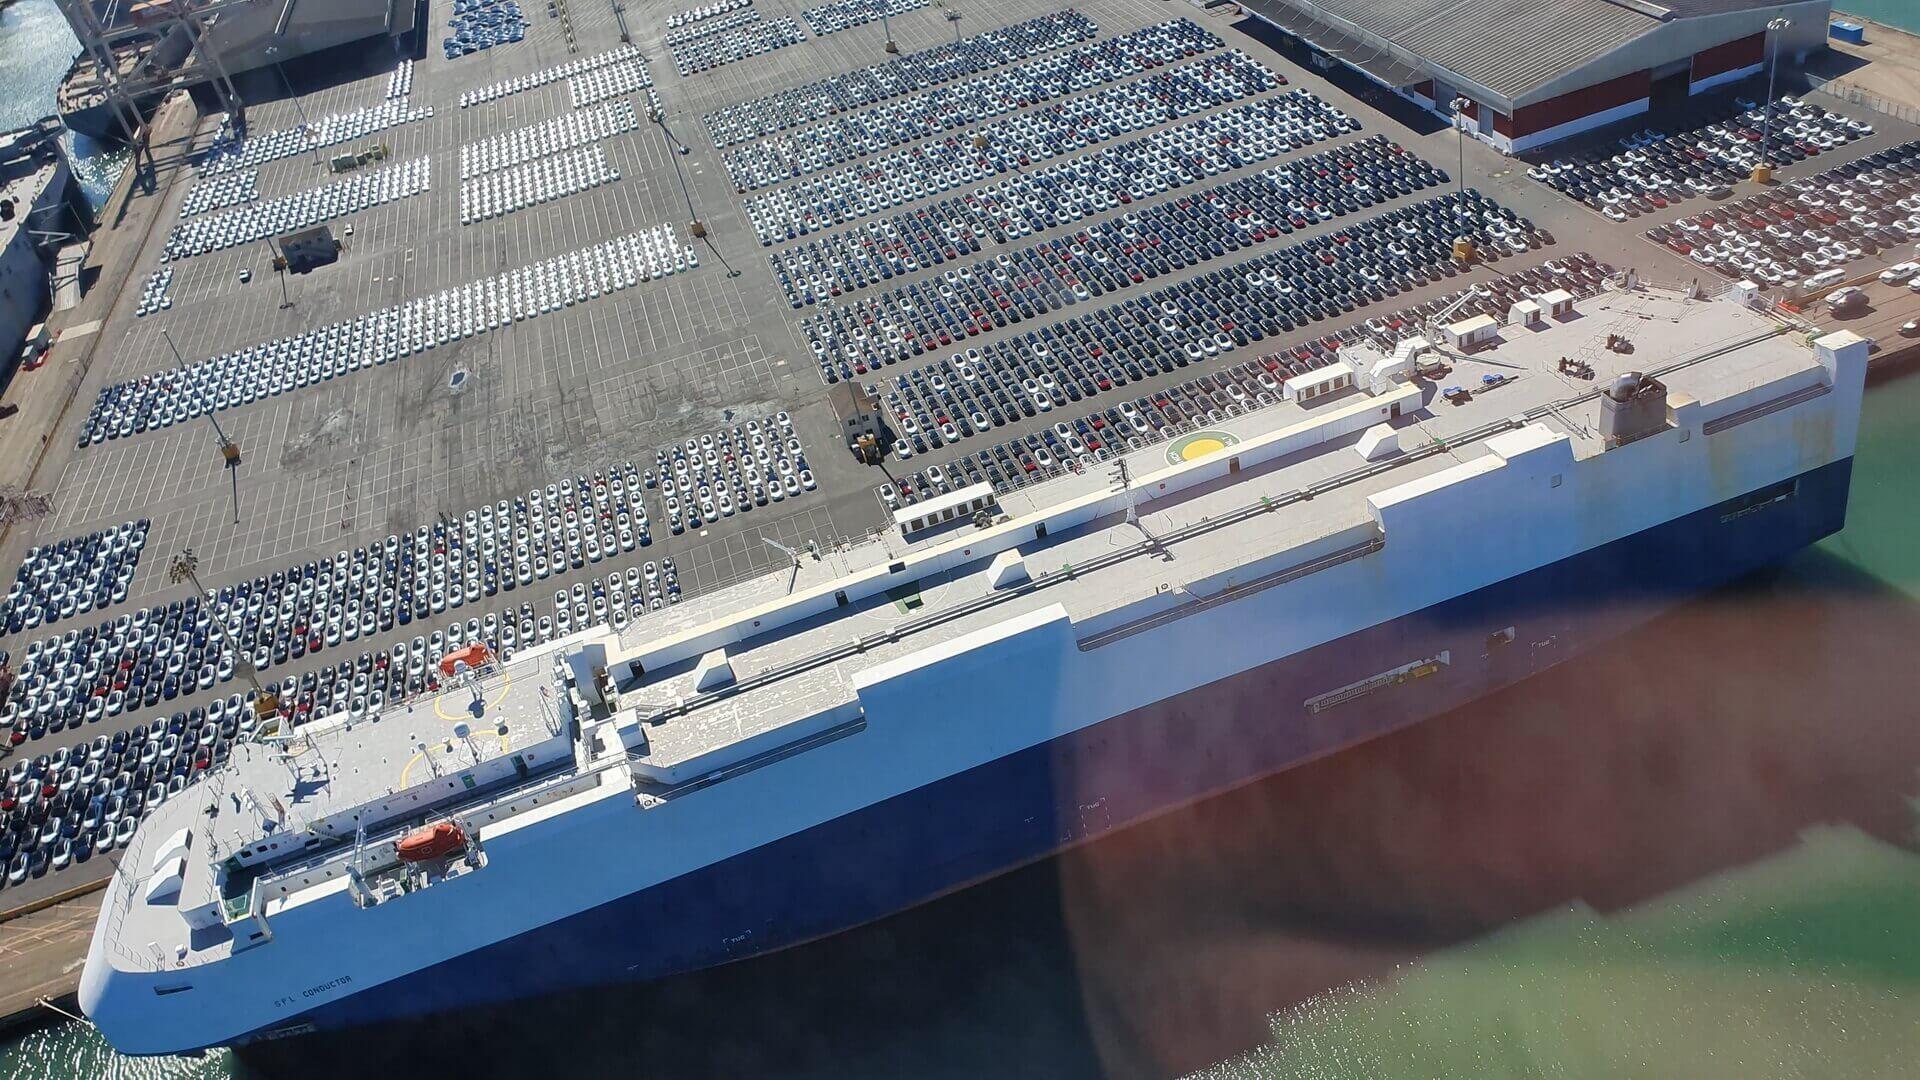 Партия из 3 680 праворульных Tesla Model 3 ожидает погрузки на корабль в порту Сан-Франциско